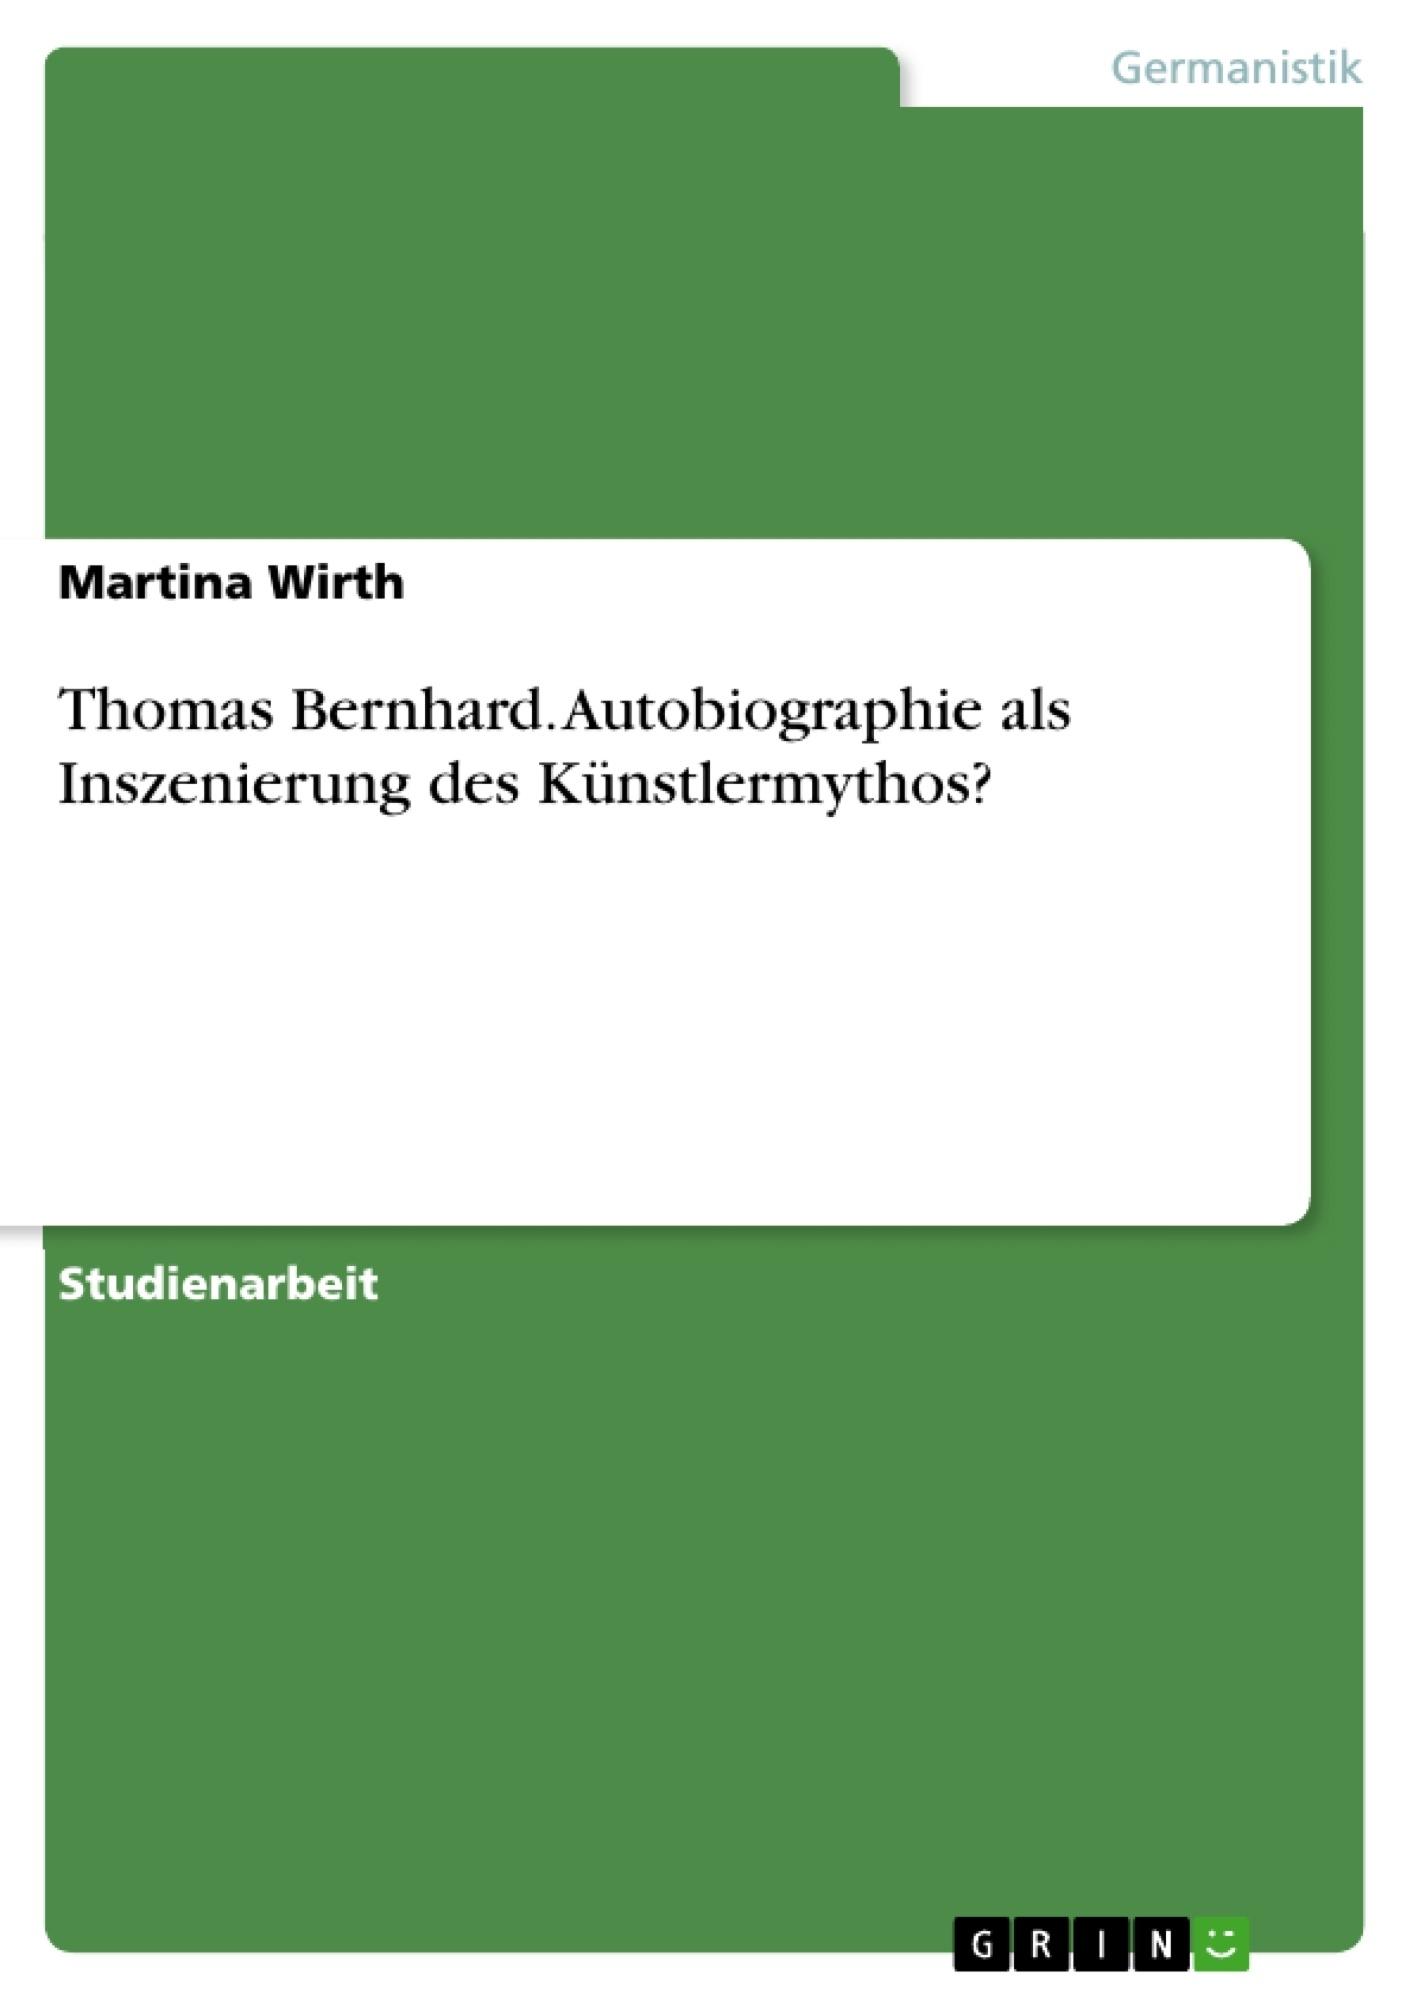 Titel: Thomas Bernhard. Autobiographie als Inszenierung des Künstlermythos?